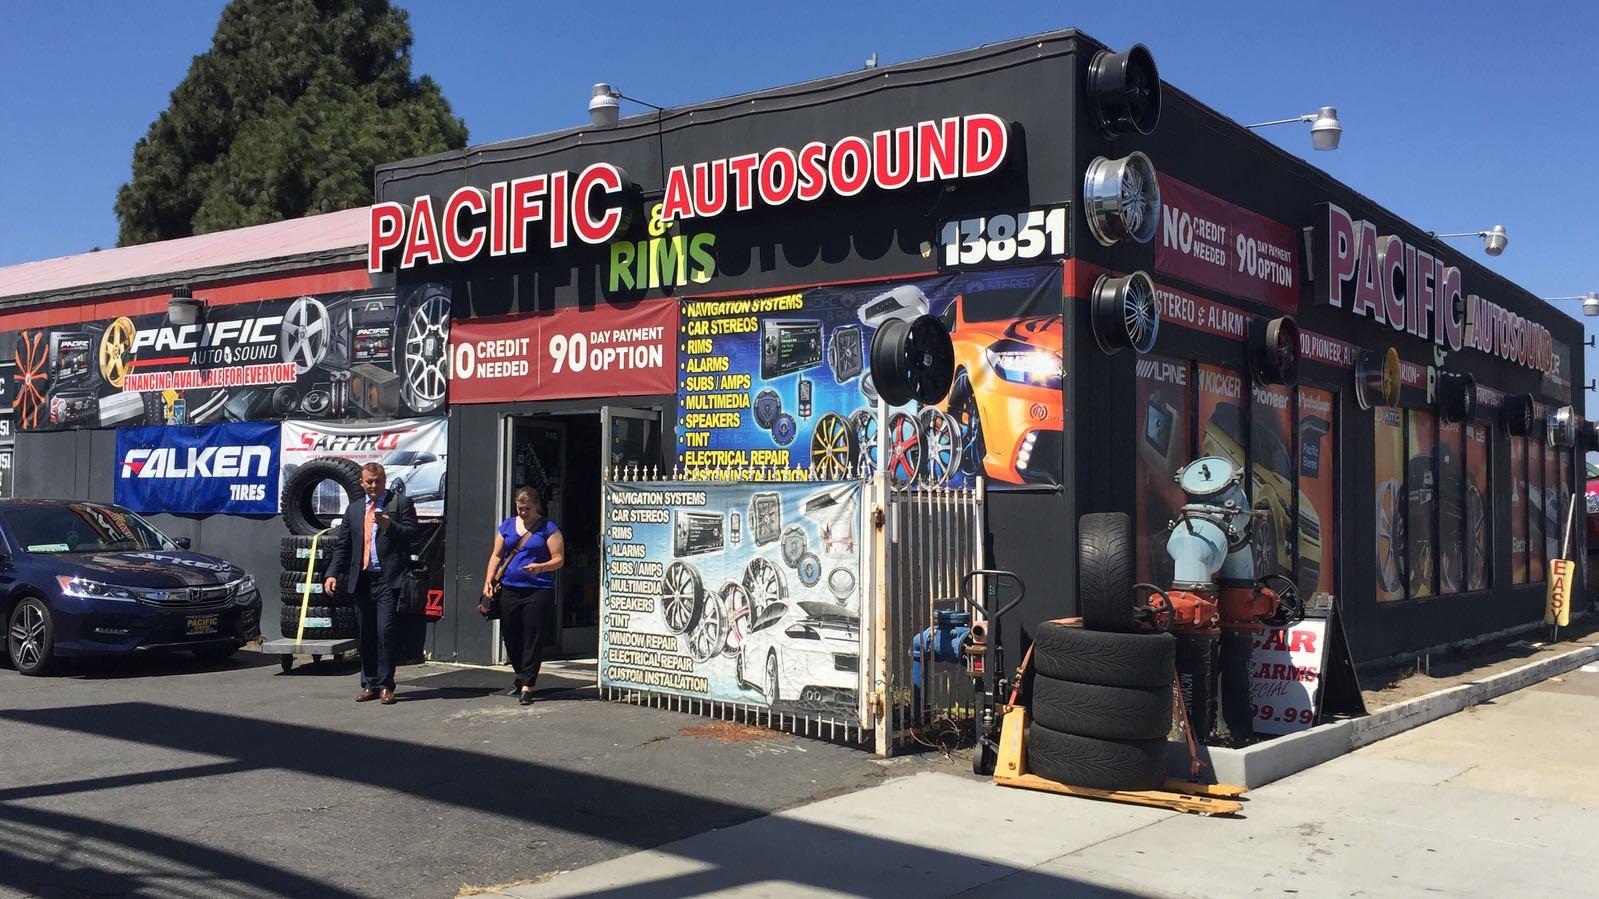 Pacific Auto Sound